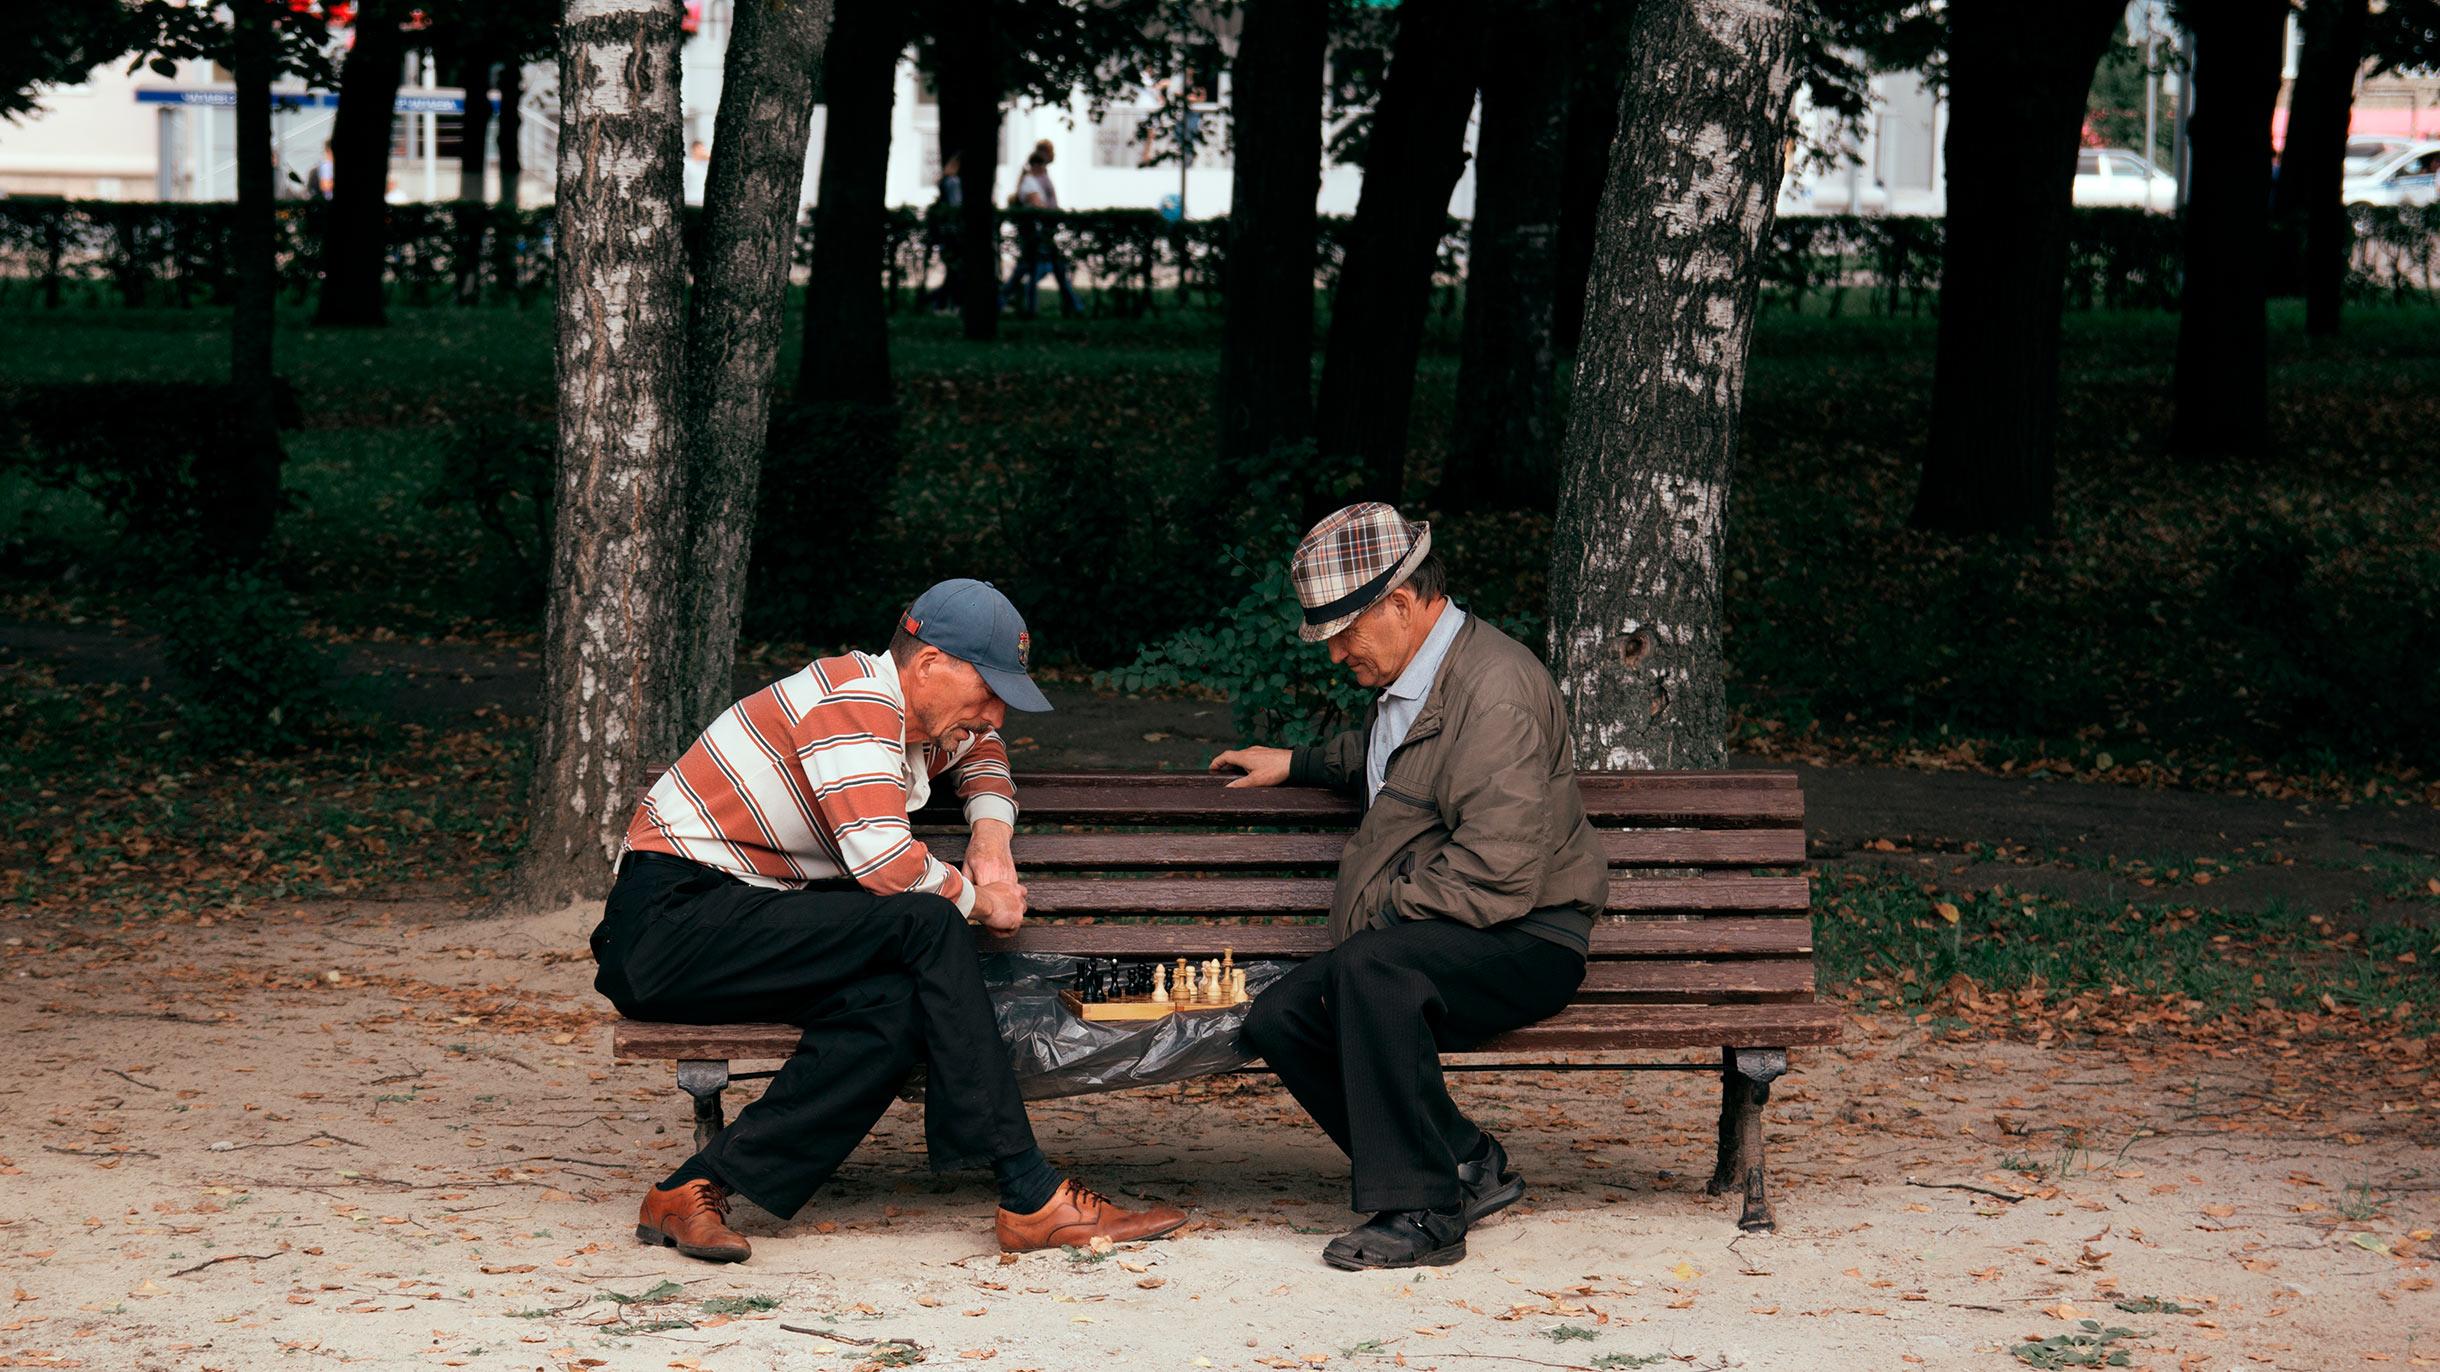 Пенсионный возраст в 2020 году: очередное повышение и льготы